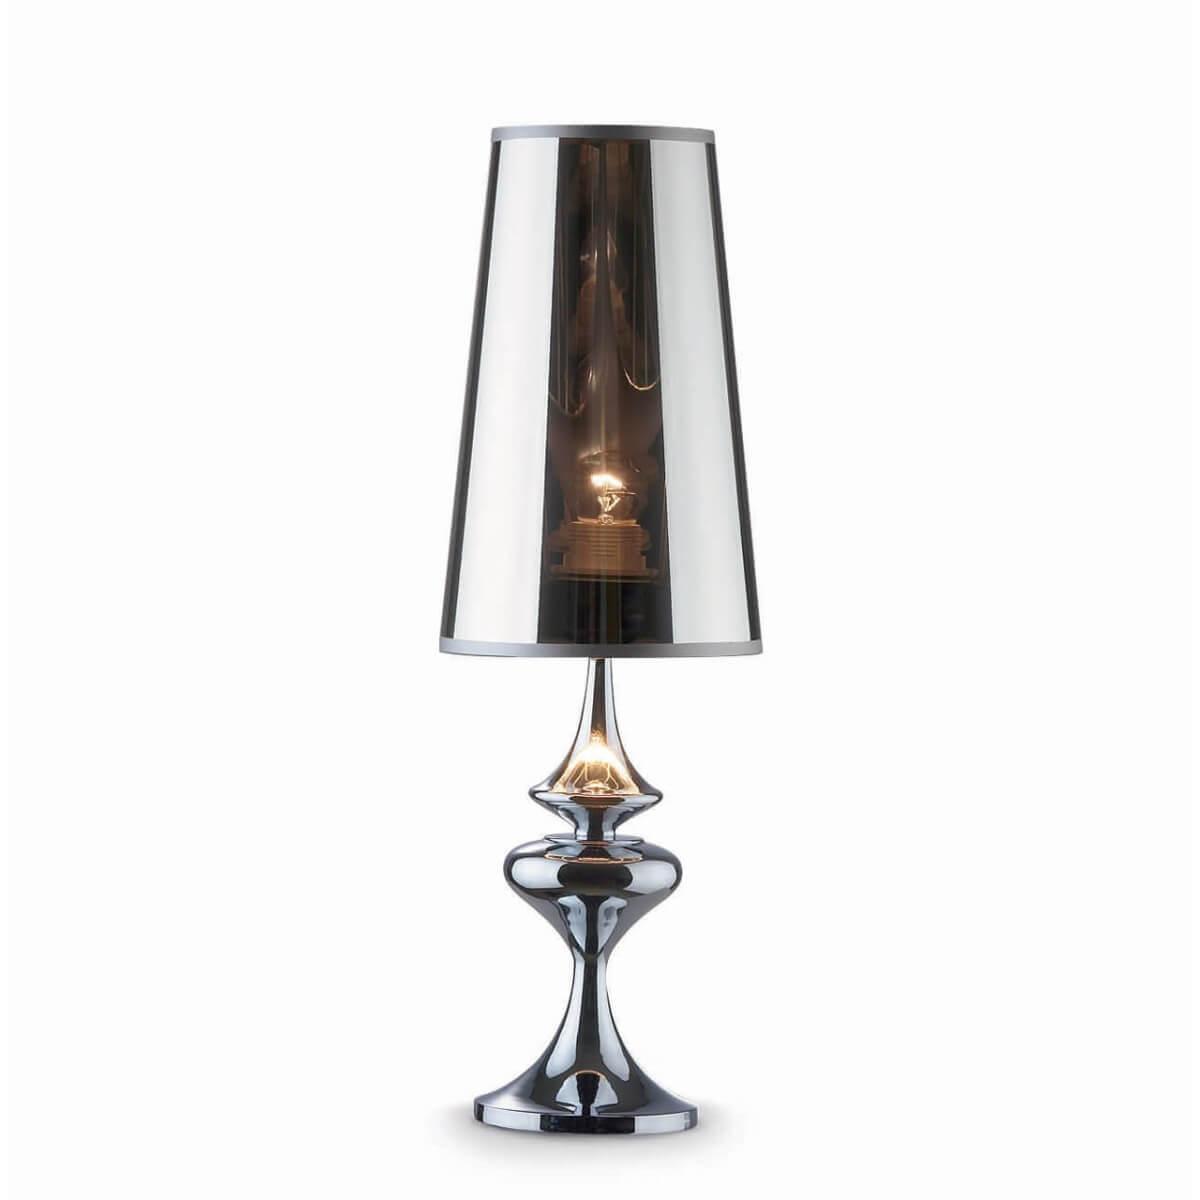 Настольная лампа Ideal Lux AlfIere TL1 Small настольная лампа ideal lux london cromo tl1 big